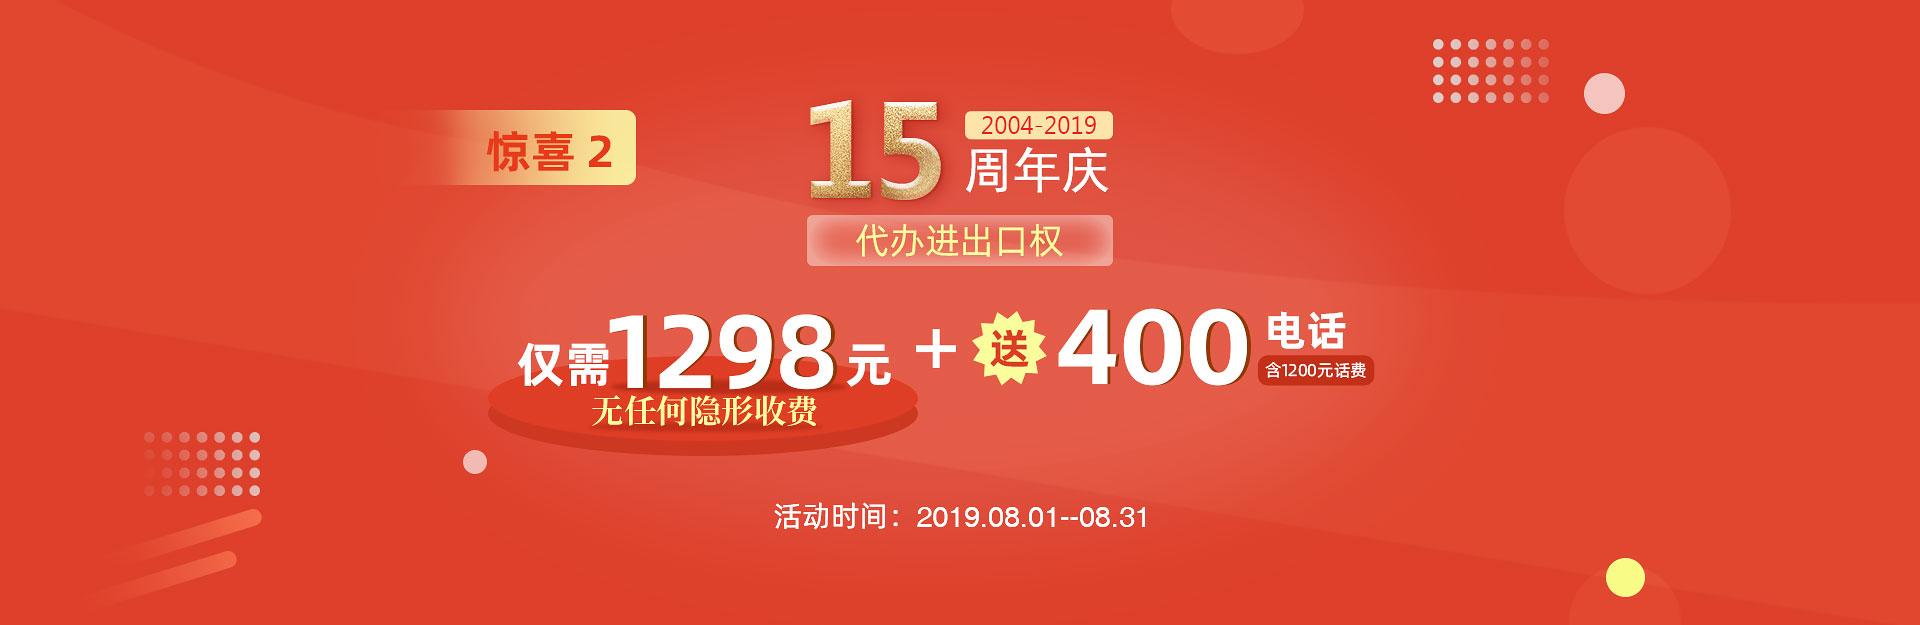 AG平台APP管理咨询(上海)有限公司